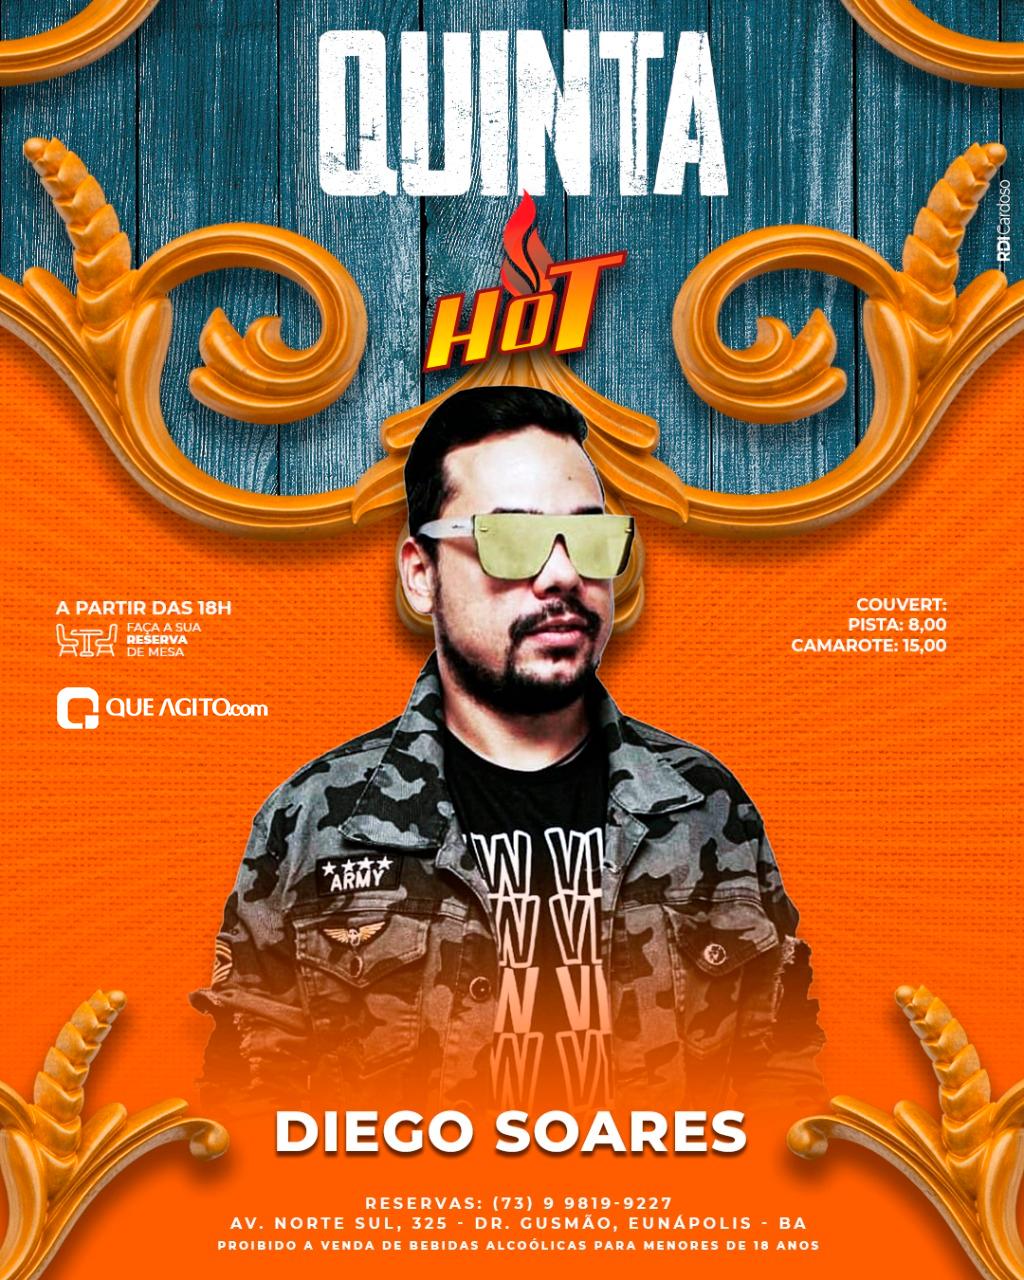 Quinta na Hot com Diego Soares - Eunápolis-BA 16